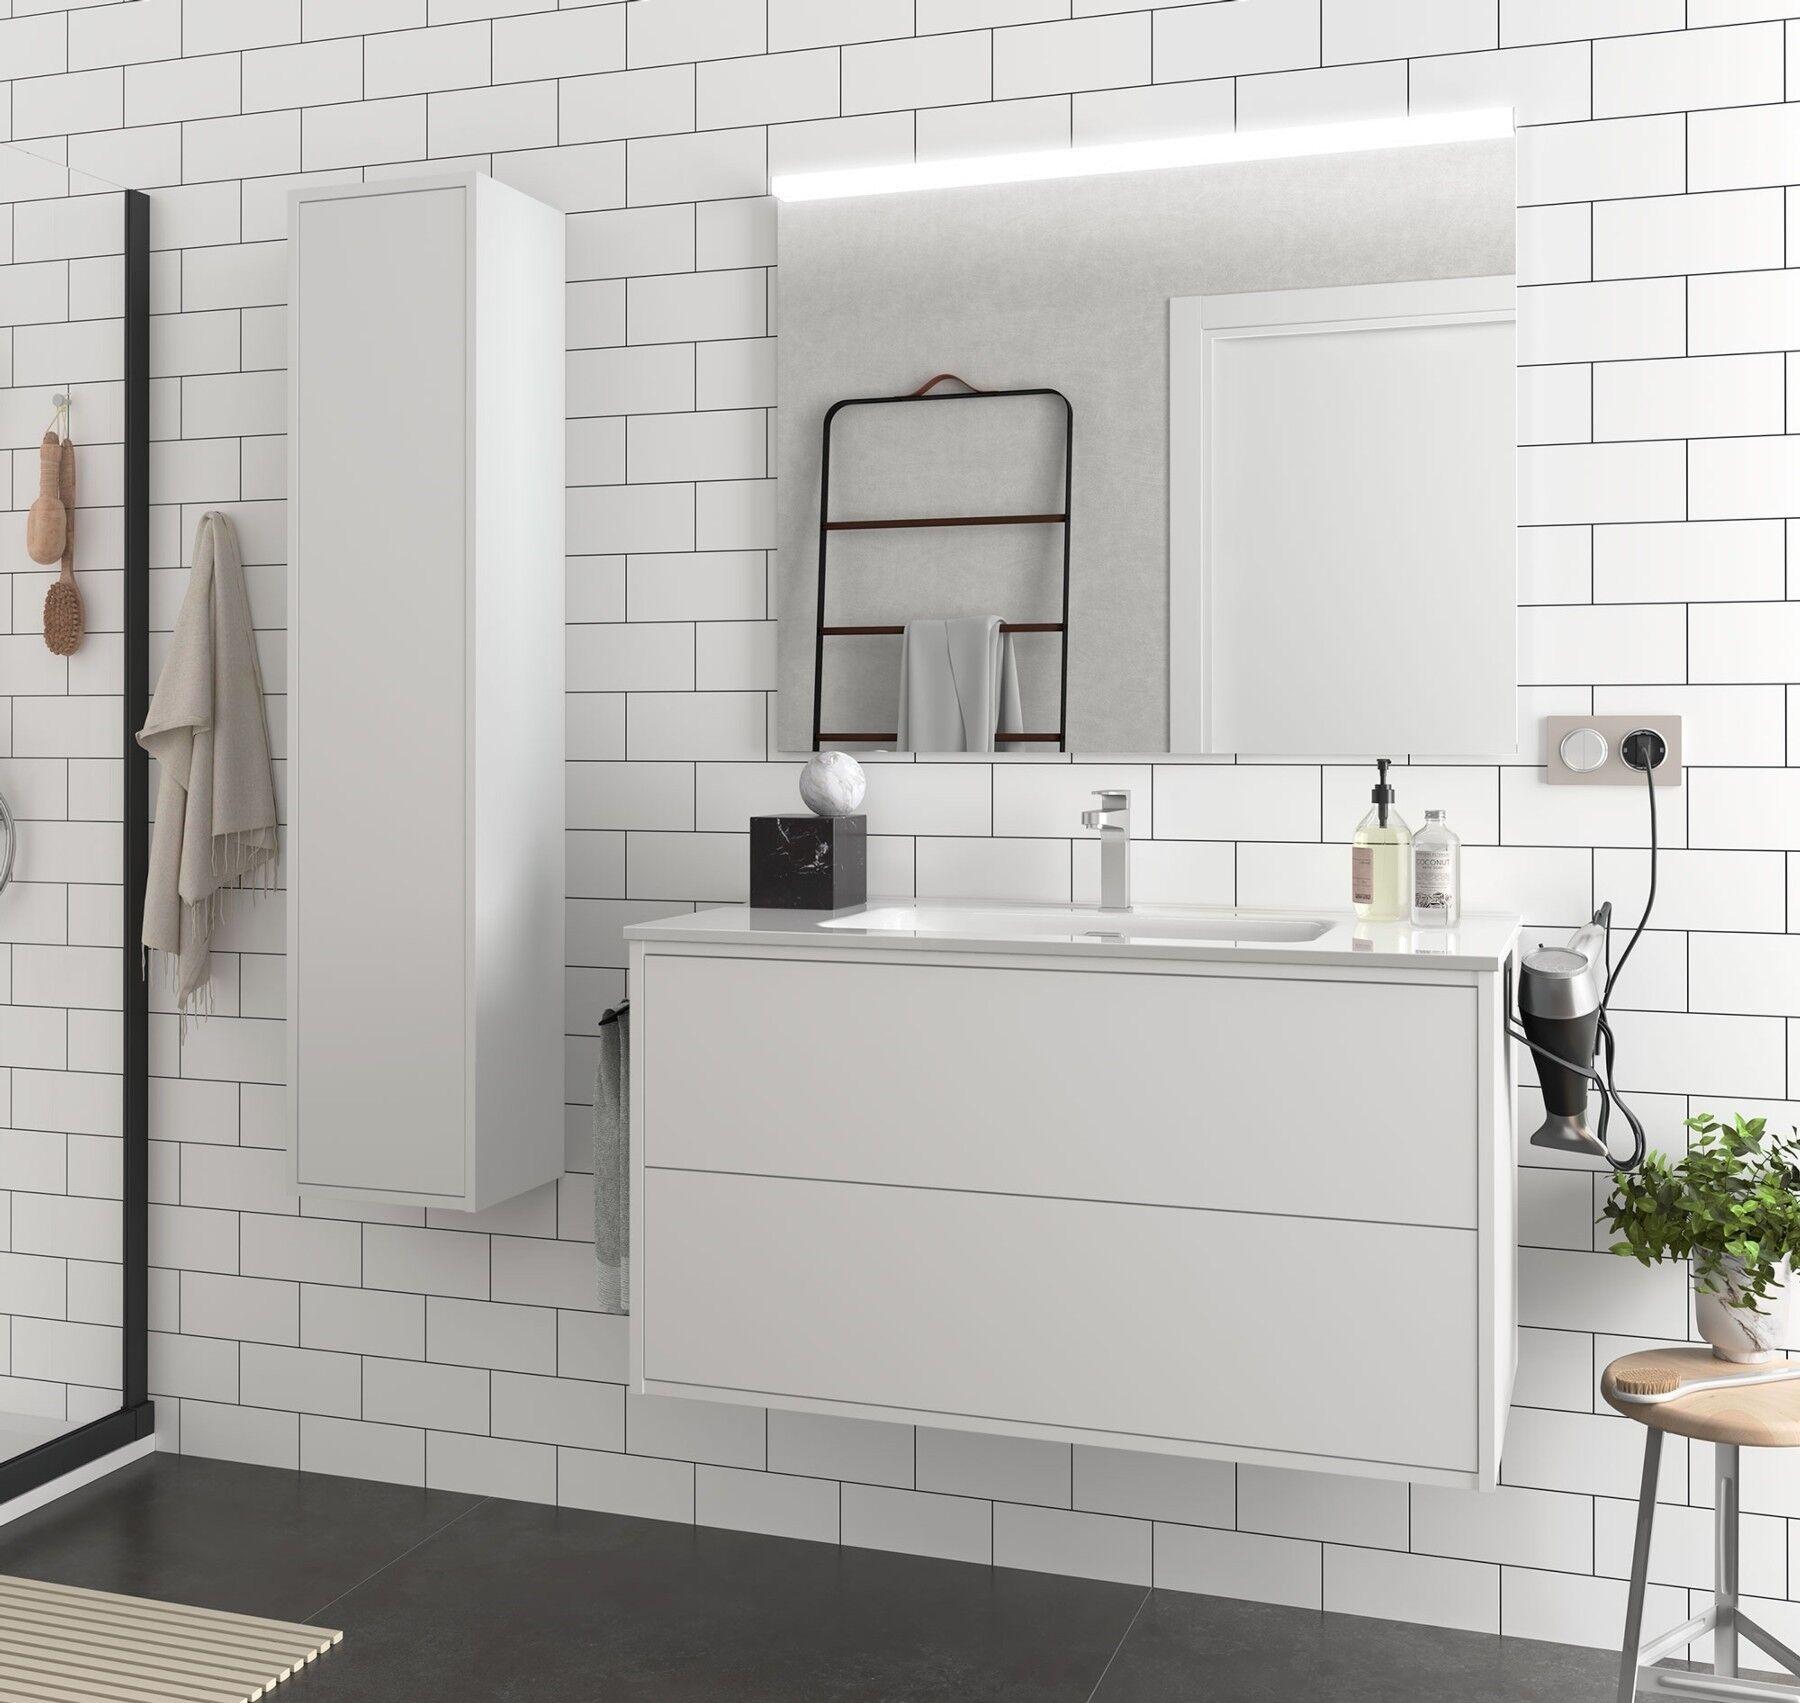 caesaroo mobile bagno sospeso 100 cm ulisse in legno bianco opaco con lavabo in porcellana   100 cm - con colonna